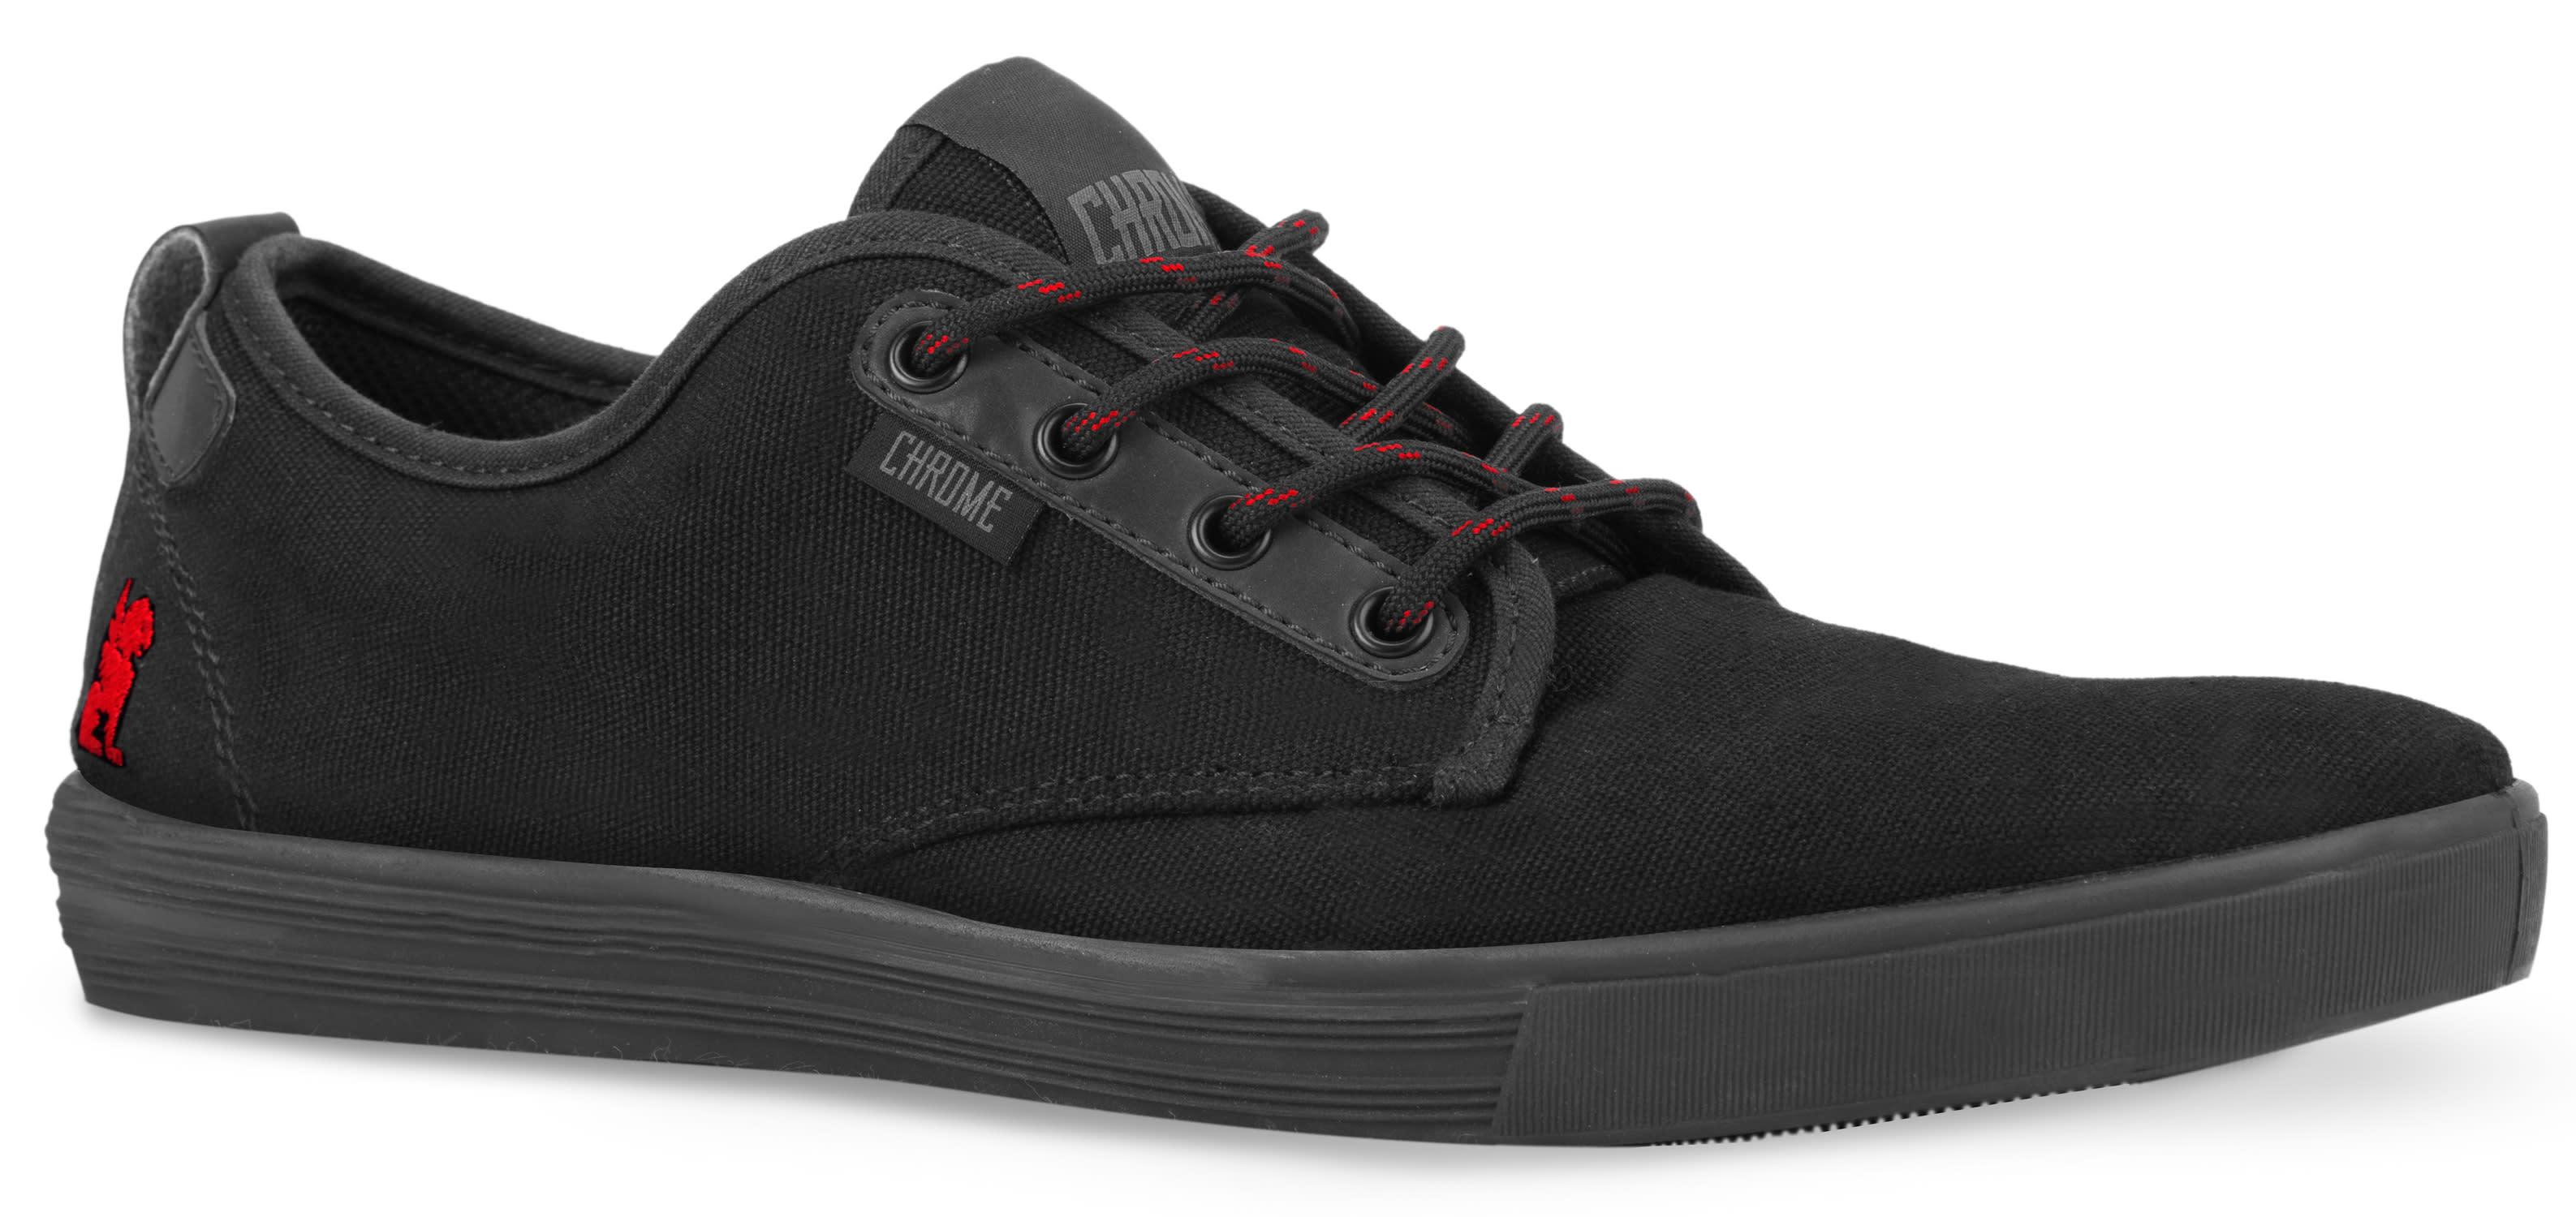 Image of Chrome Ishak Shoes